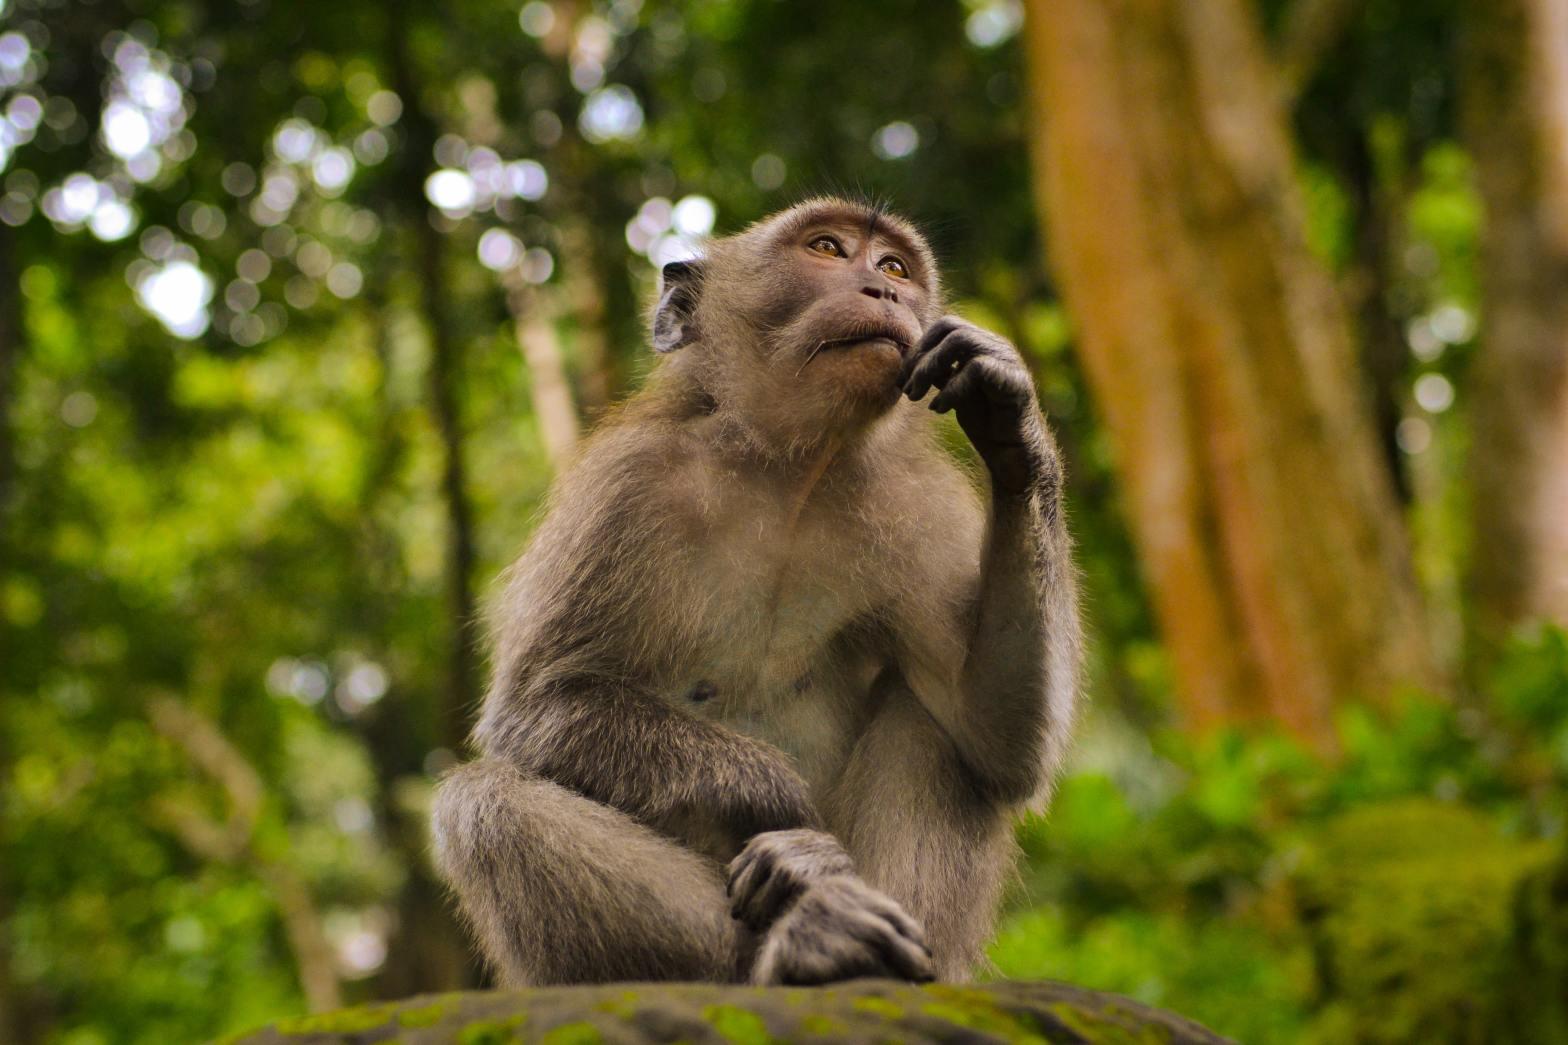 una scimmia con espressione pensosa